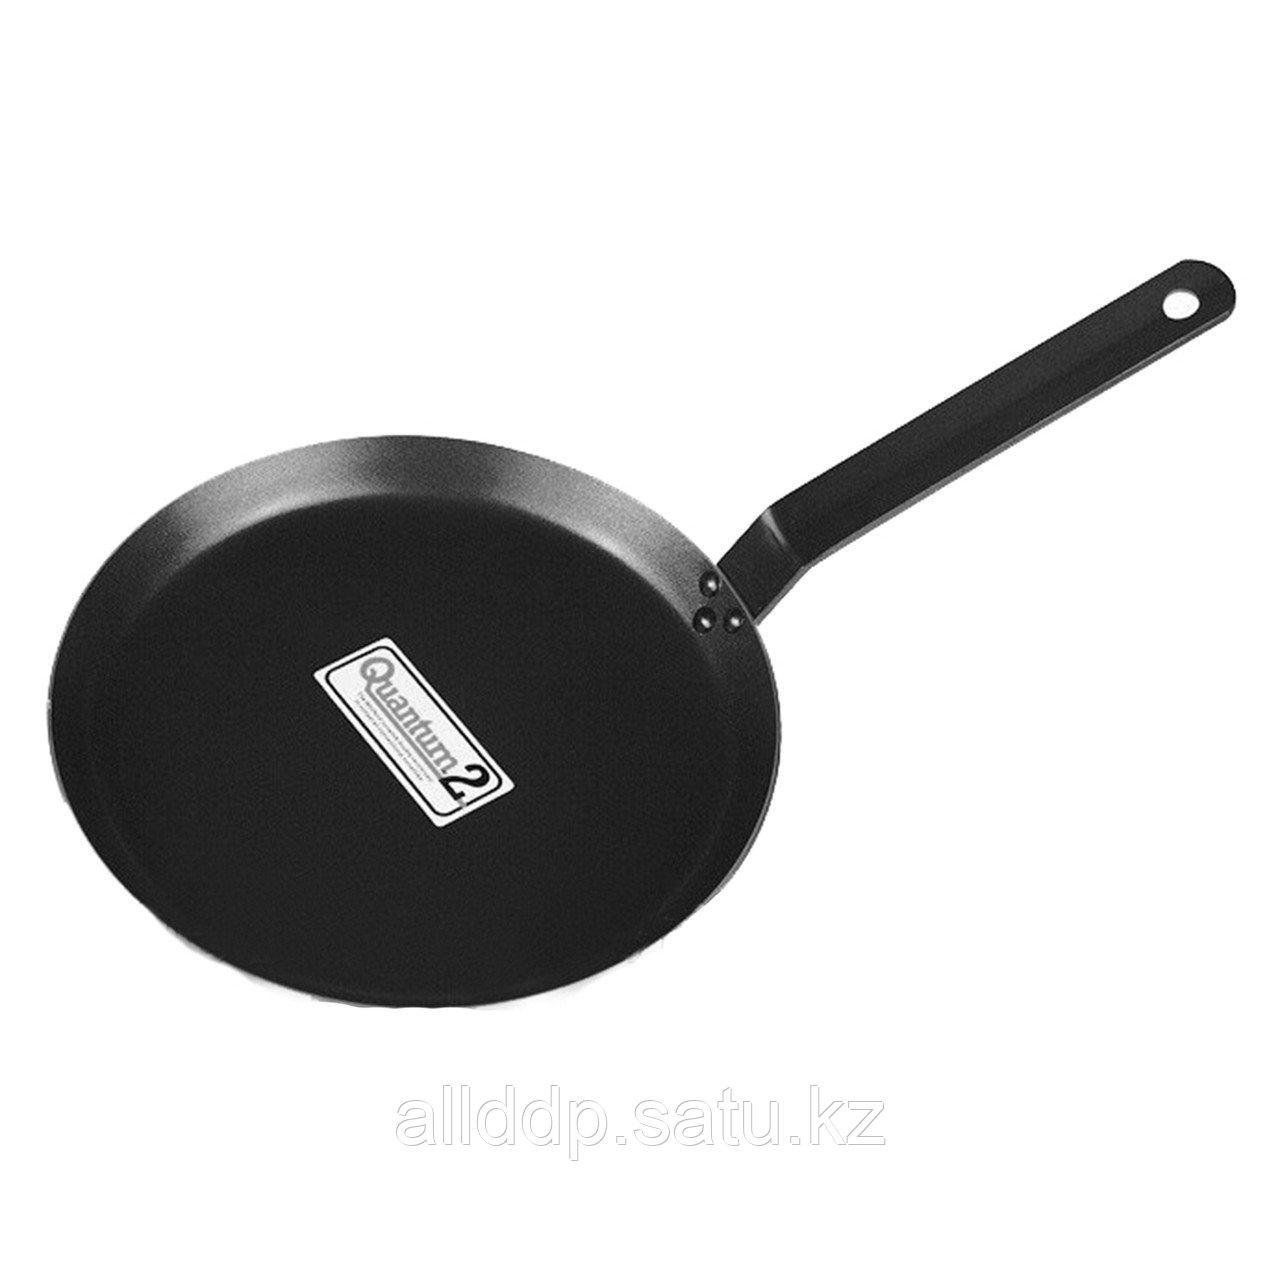 Профессиональная блинная сковорода, 26 см, алюминий